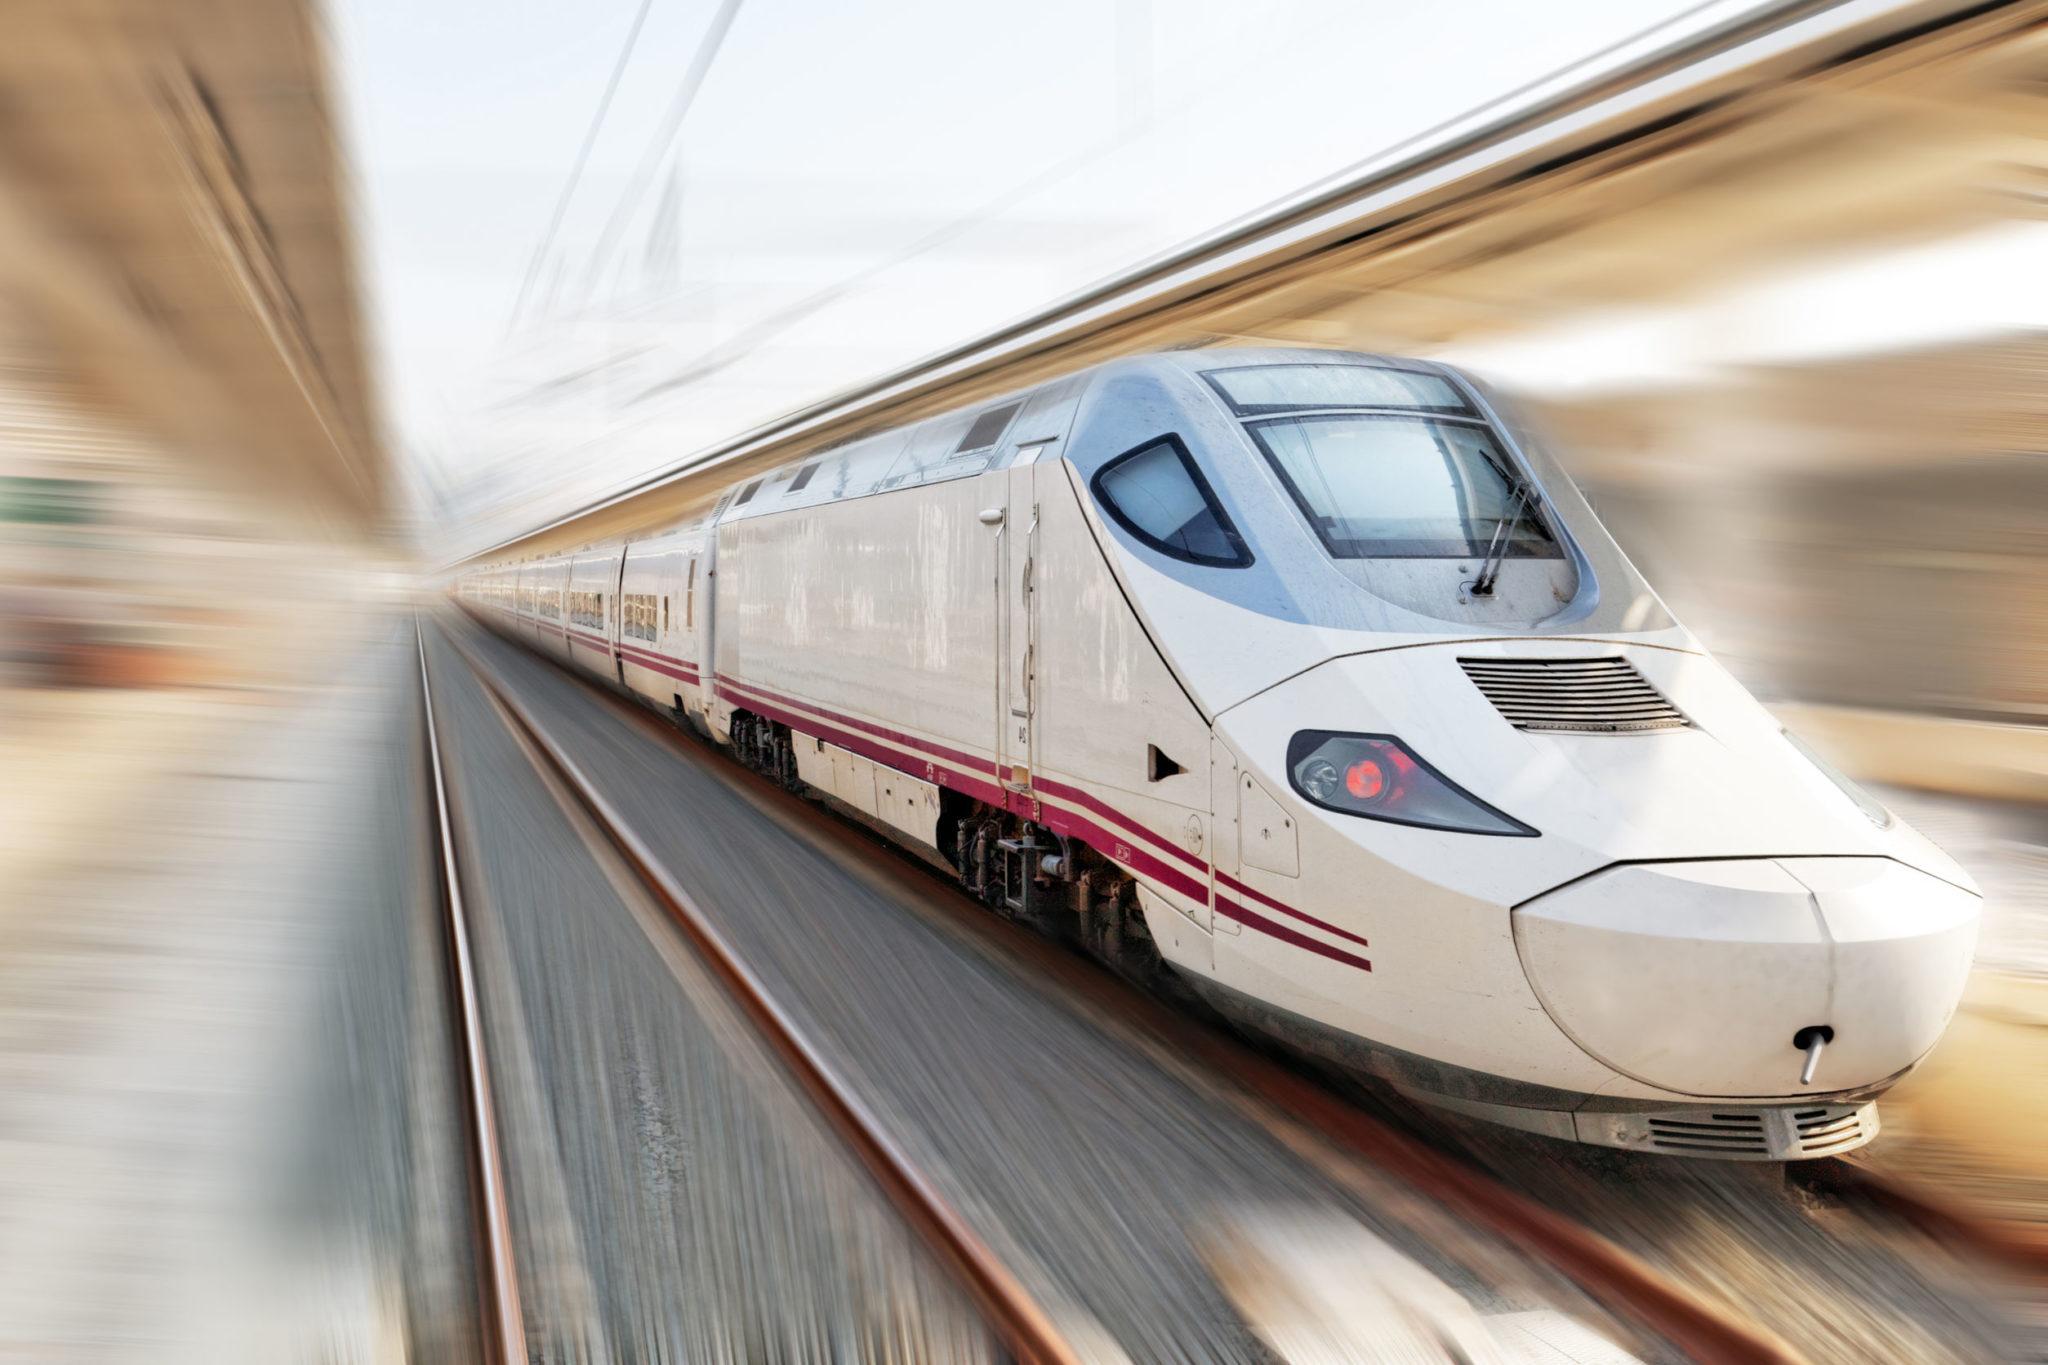 ave-tren-espana 3113